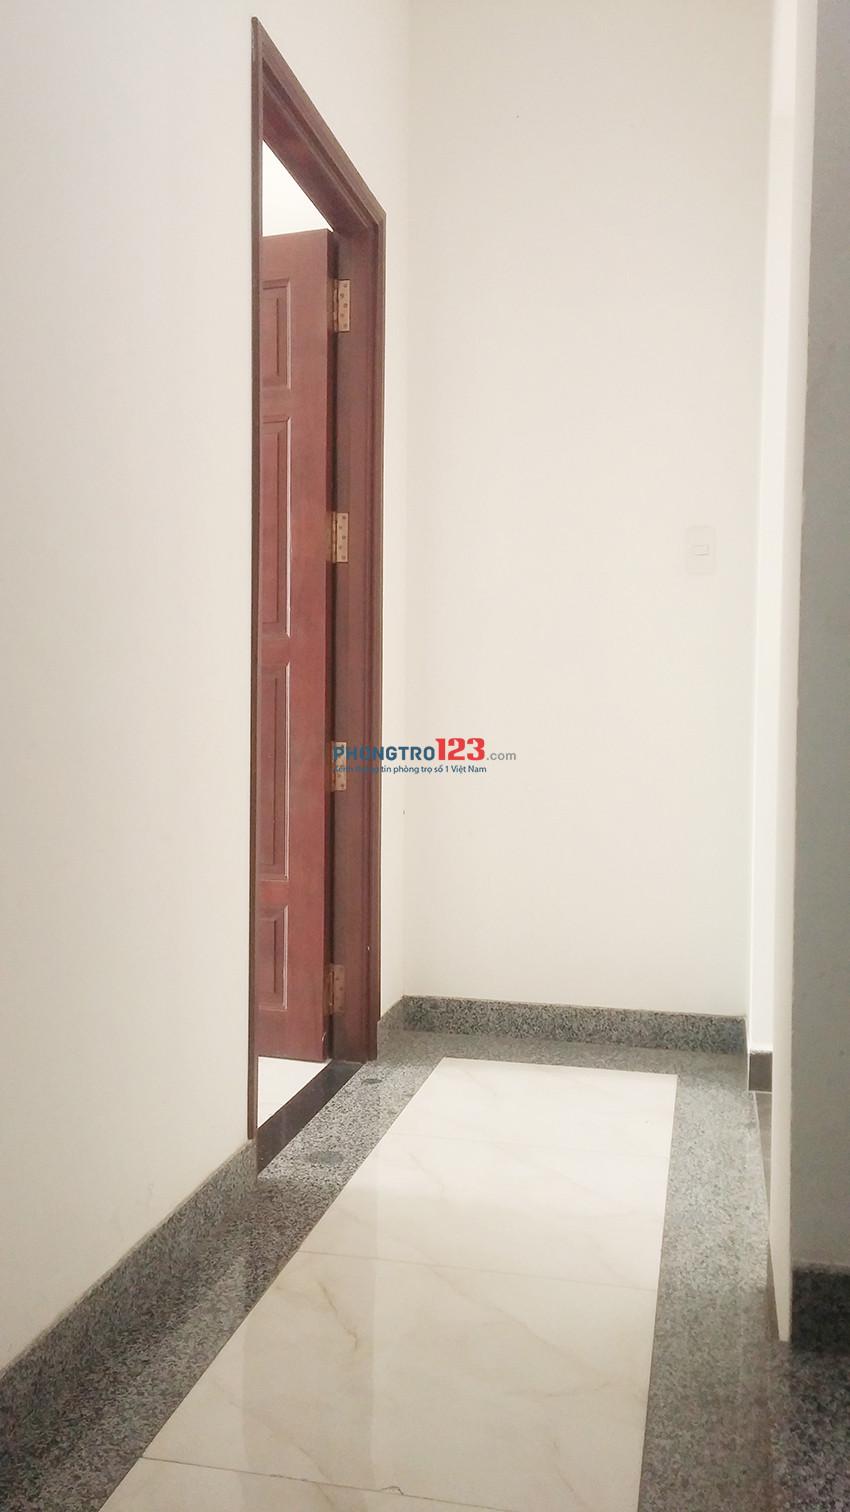 Phòng trọ Quận 2, 30m2, mới, tiện ích, thoáng rộng, an ninh